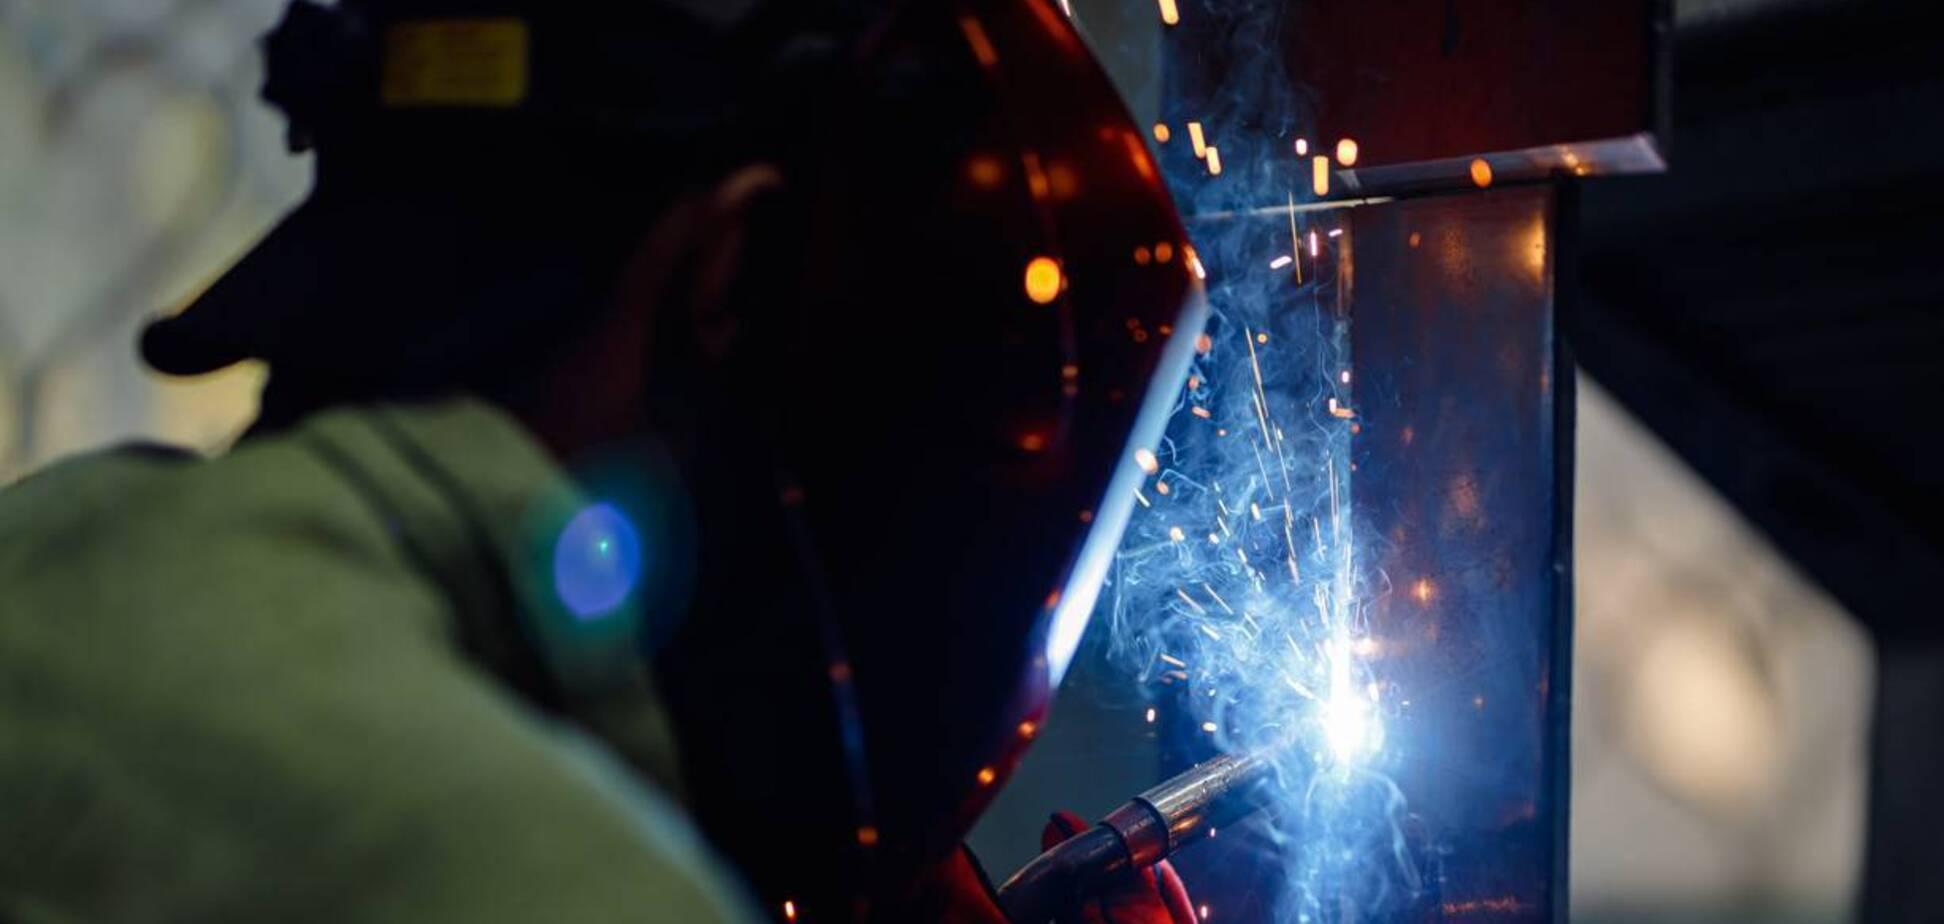 На 'Метінвесті' піклуються про безпеку й підвищення професіоналізму співробітників: дані звіту за 2019 рік